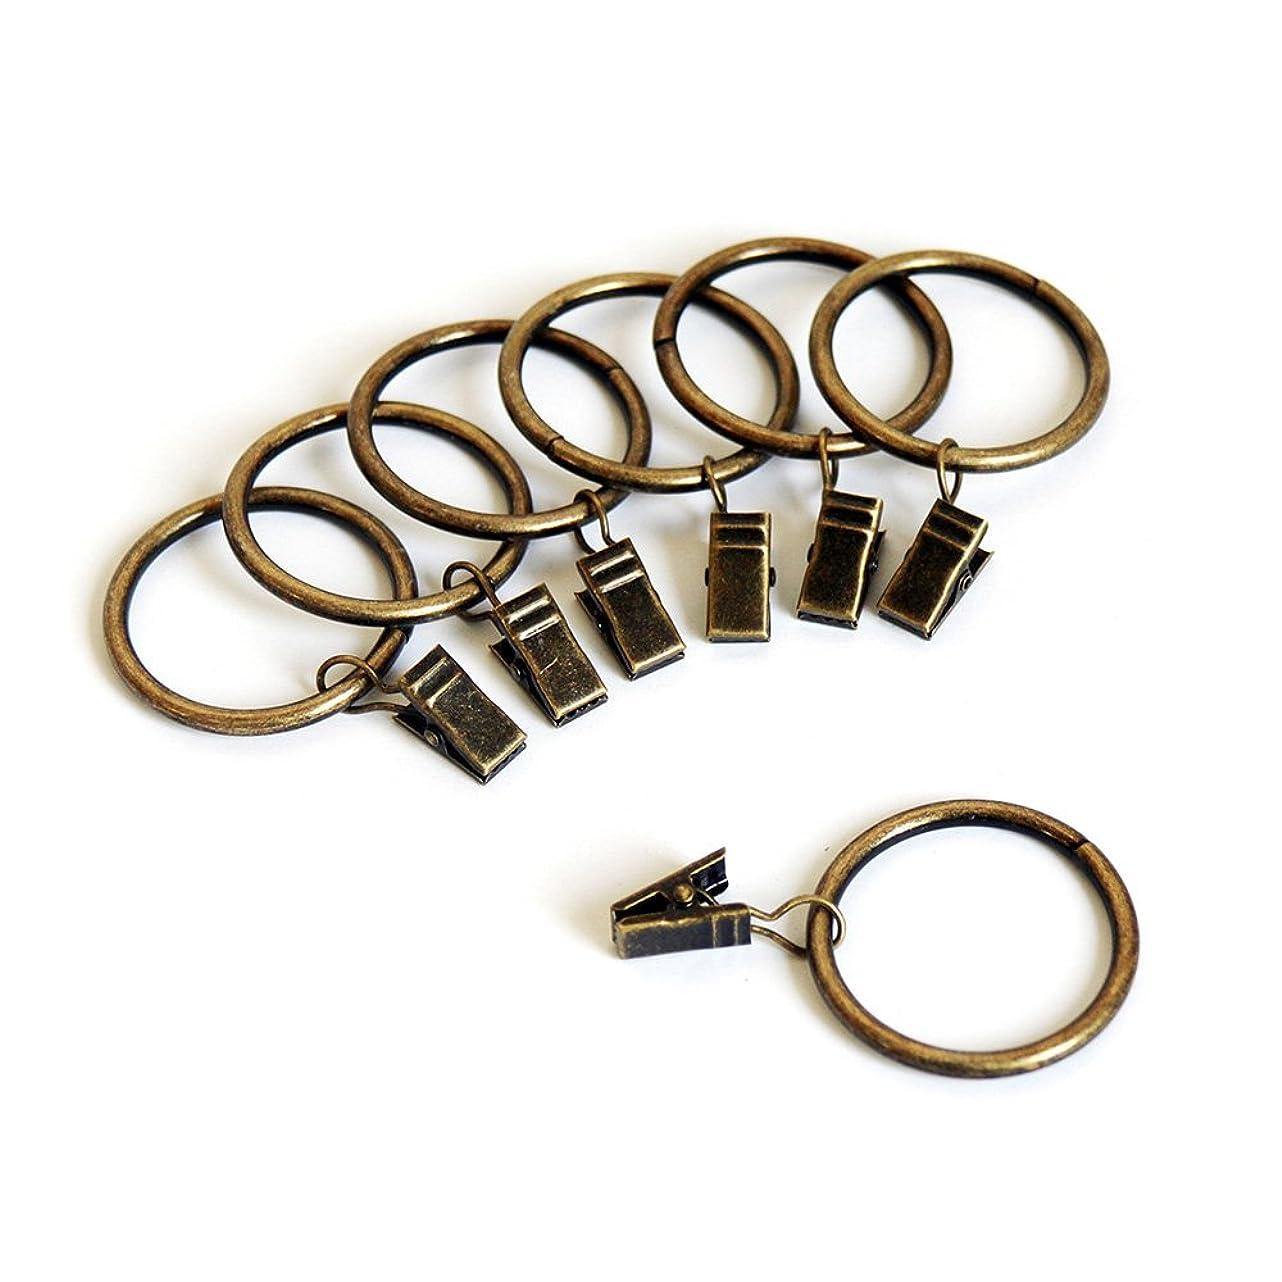 パテどっちソケット(2.5cm, Bronze) - Alytimes 42pack Bronze Metal Curtain Rings with Clips (2.5cm, Bronze)